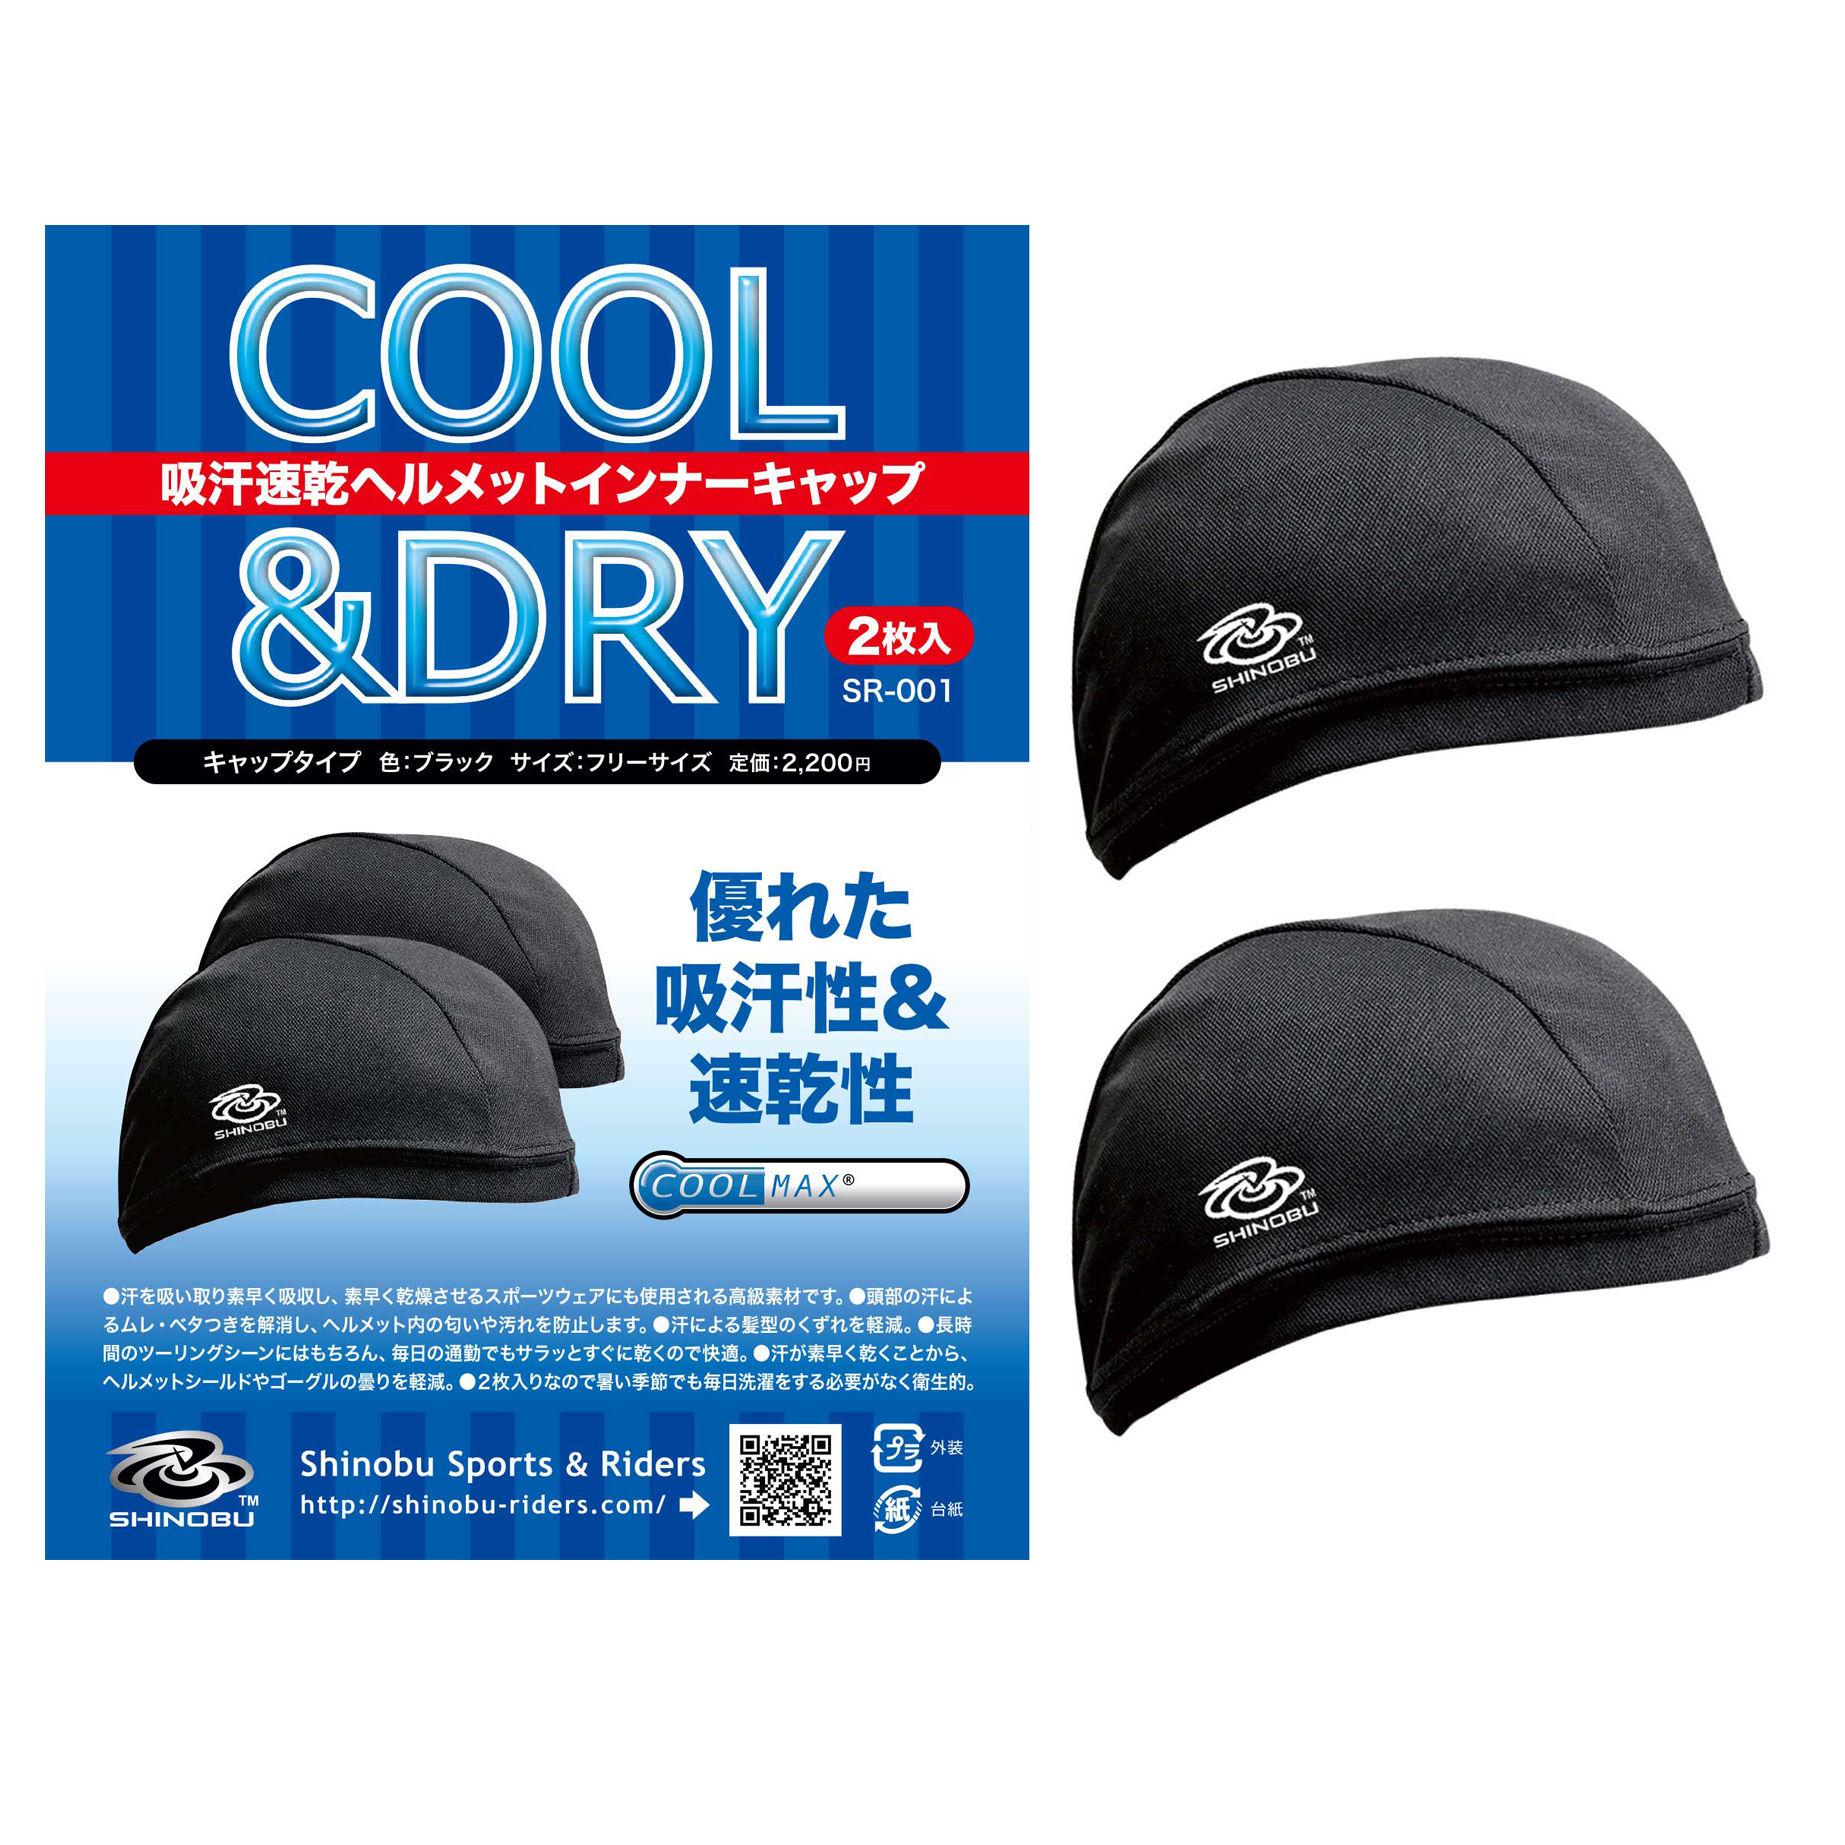 <送料無料> Shinobu Riders 吸汗速乾 COOLMAX(R) 抗菌消臭 ヘルメット インナーキャップ (黒x2枚)